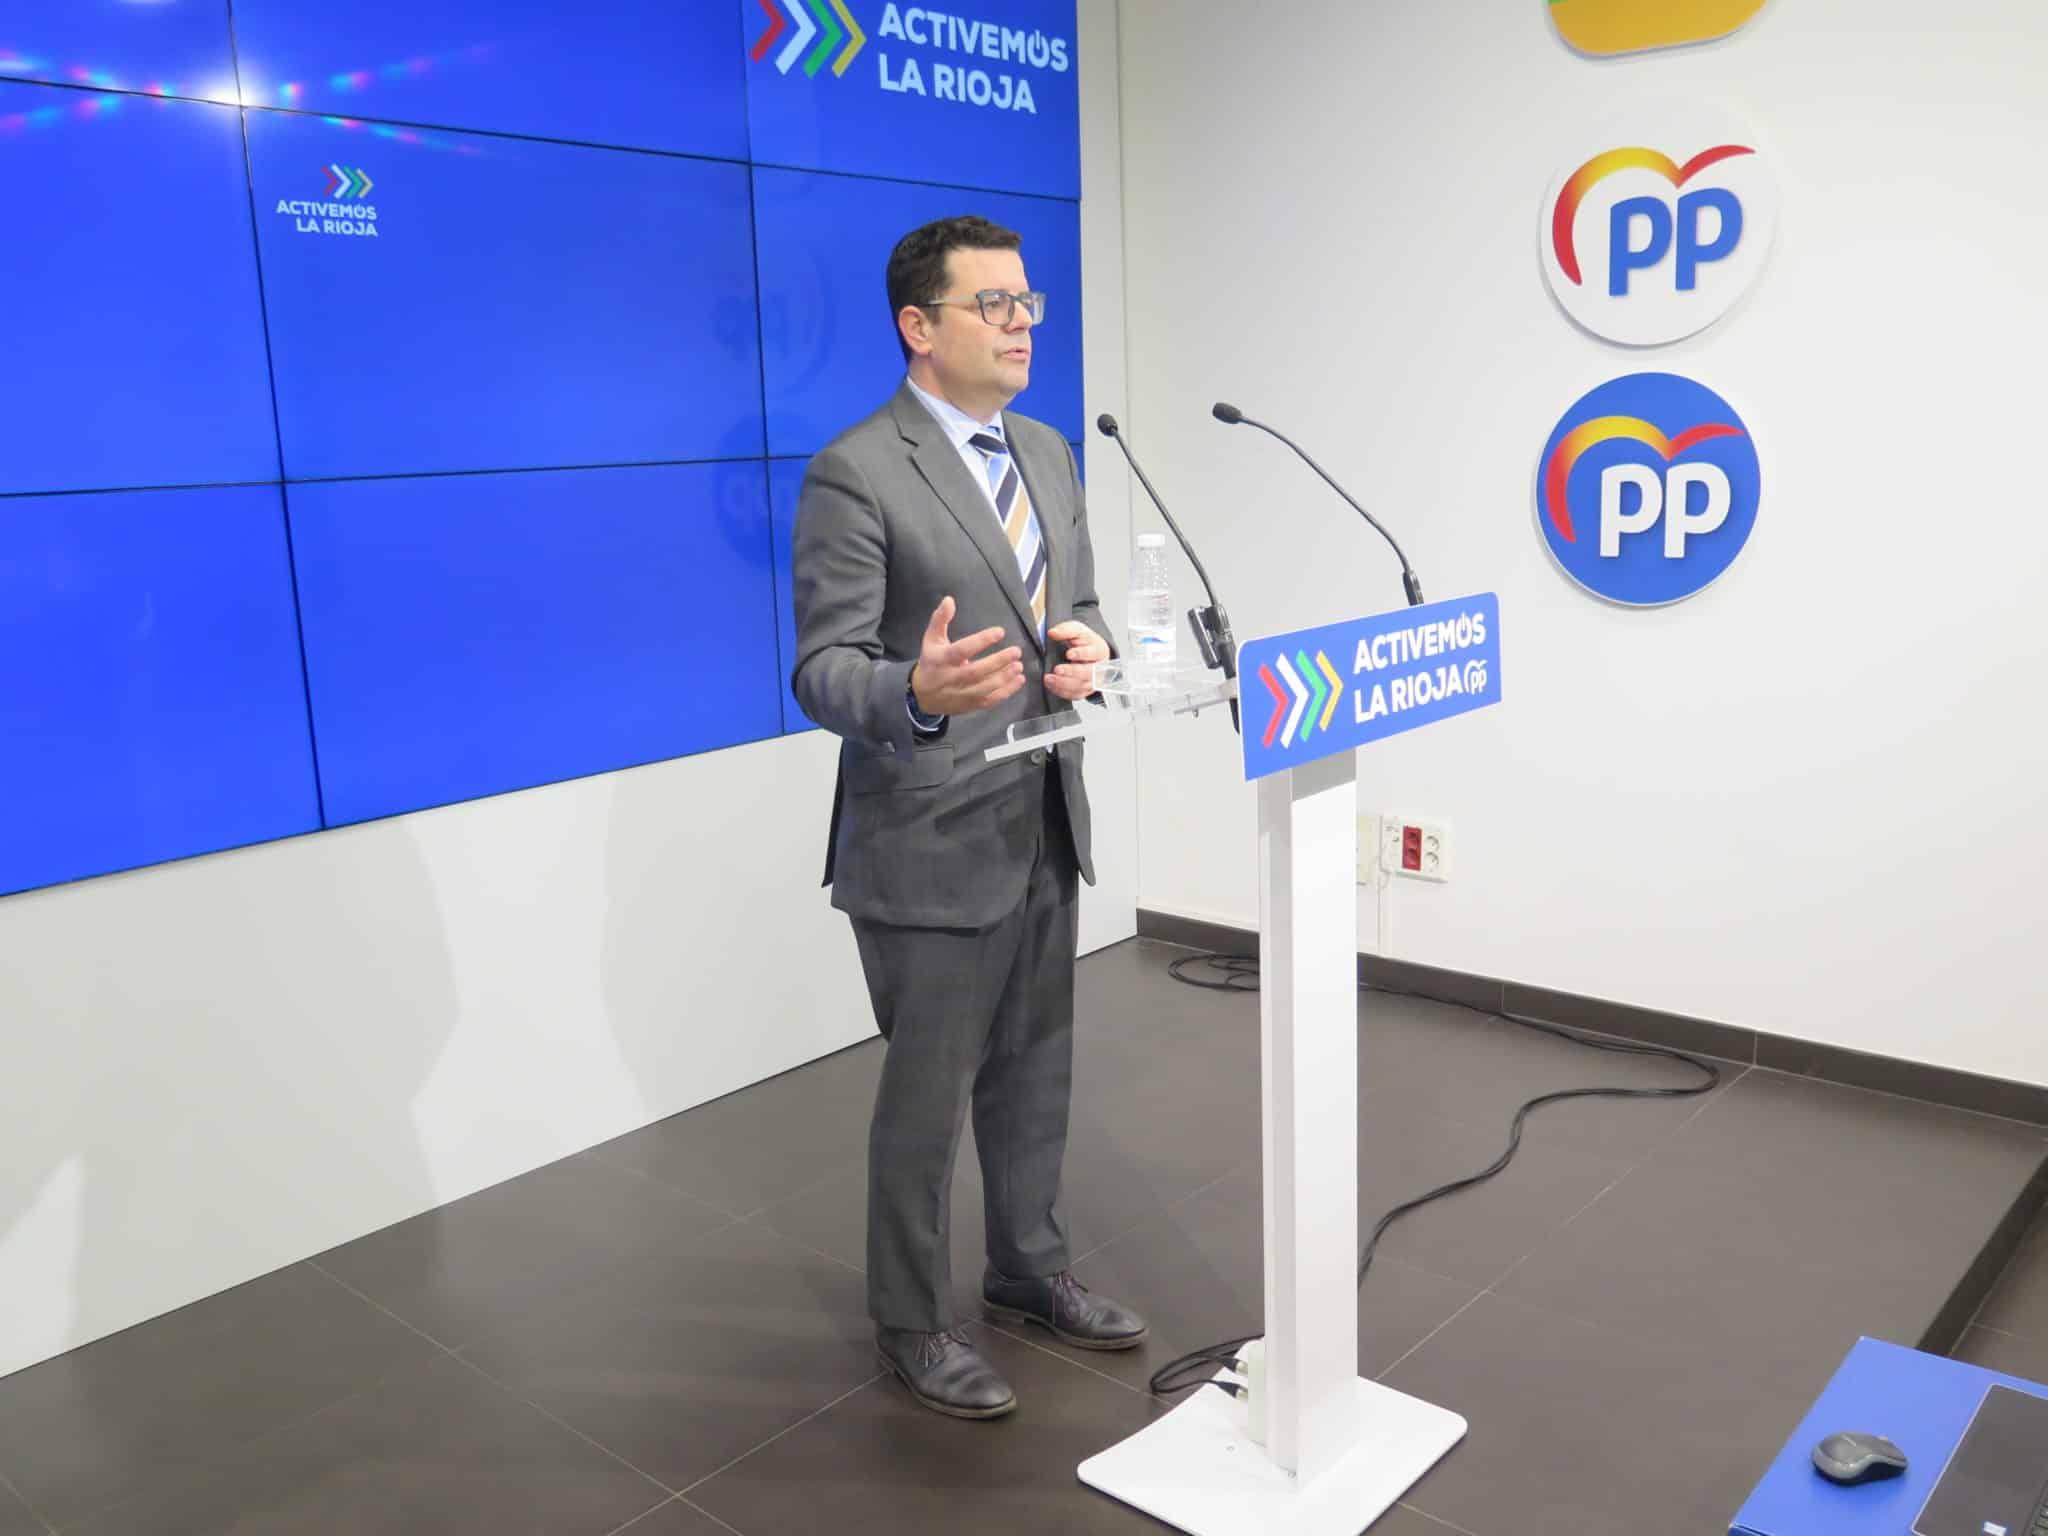 """La Rioja presenta un presupuesto para reforzar los servicios públicos y """"no dejar a nadie atrás"""" 2"""